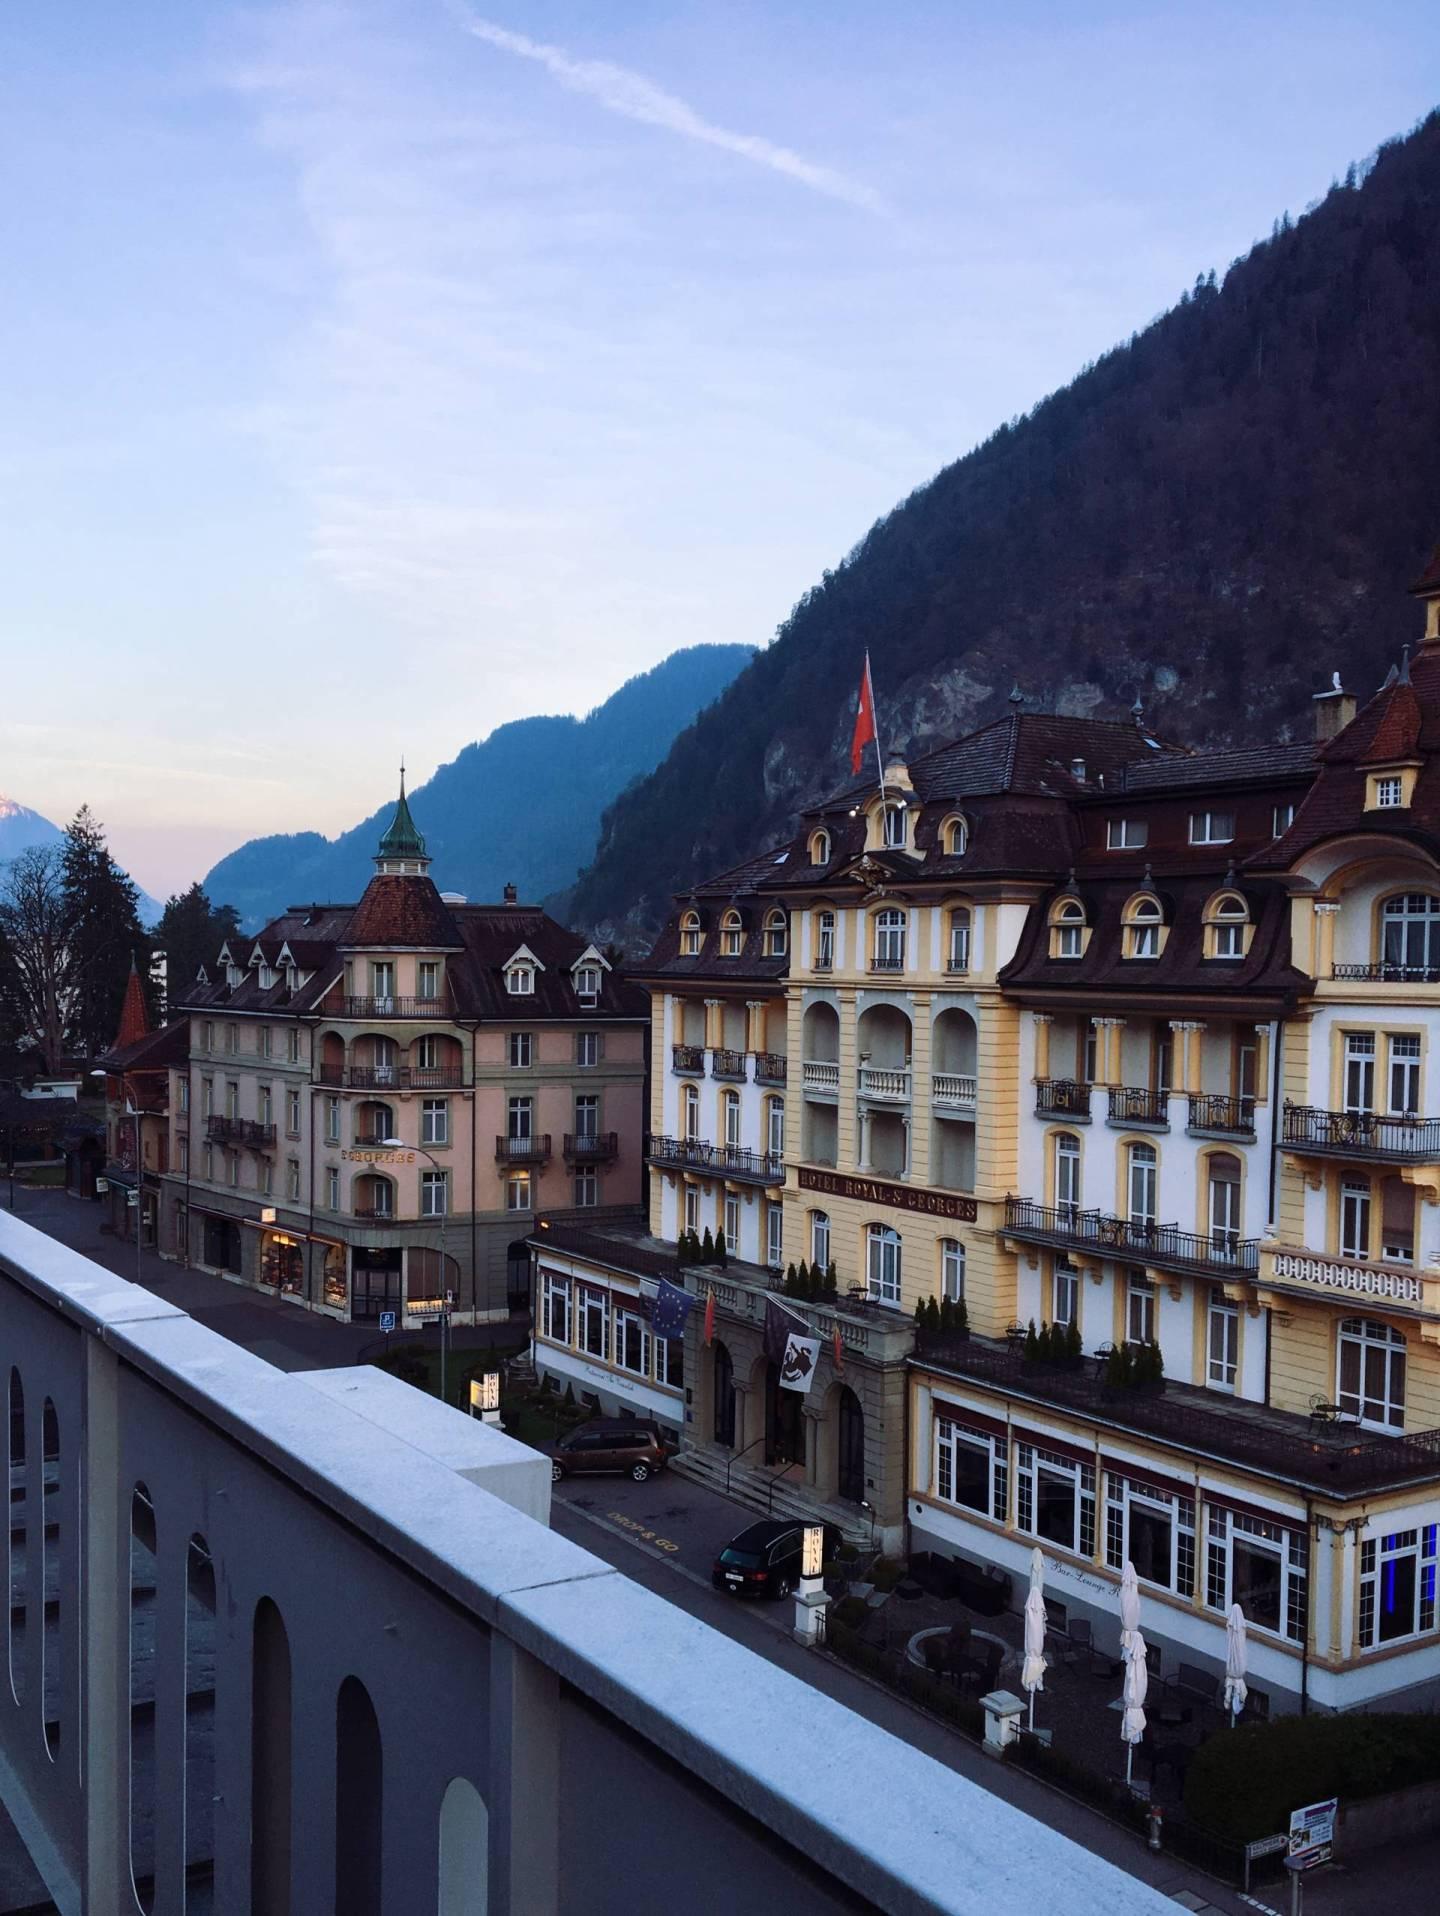 Waking up at Hotel Interlaken